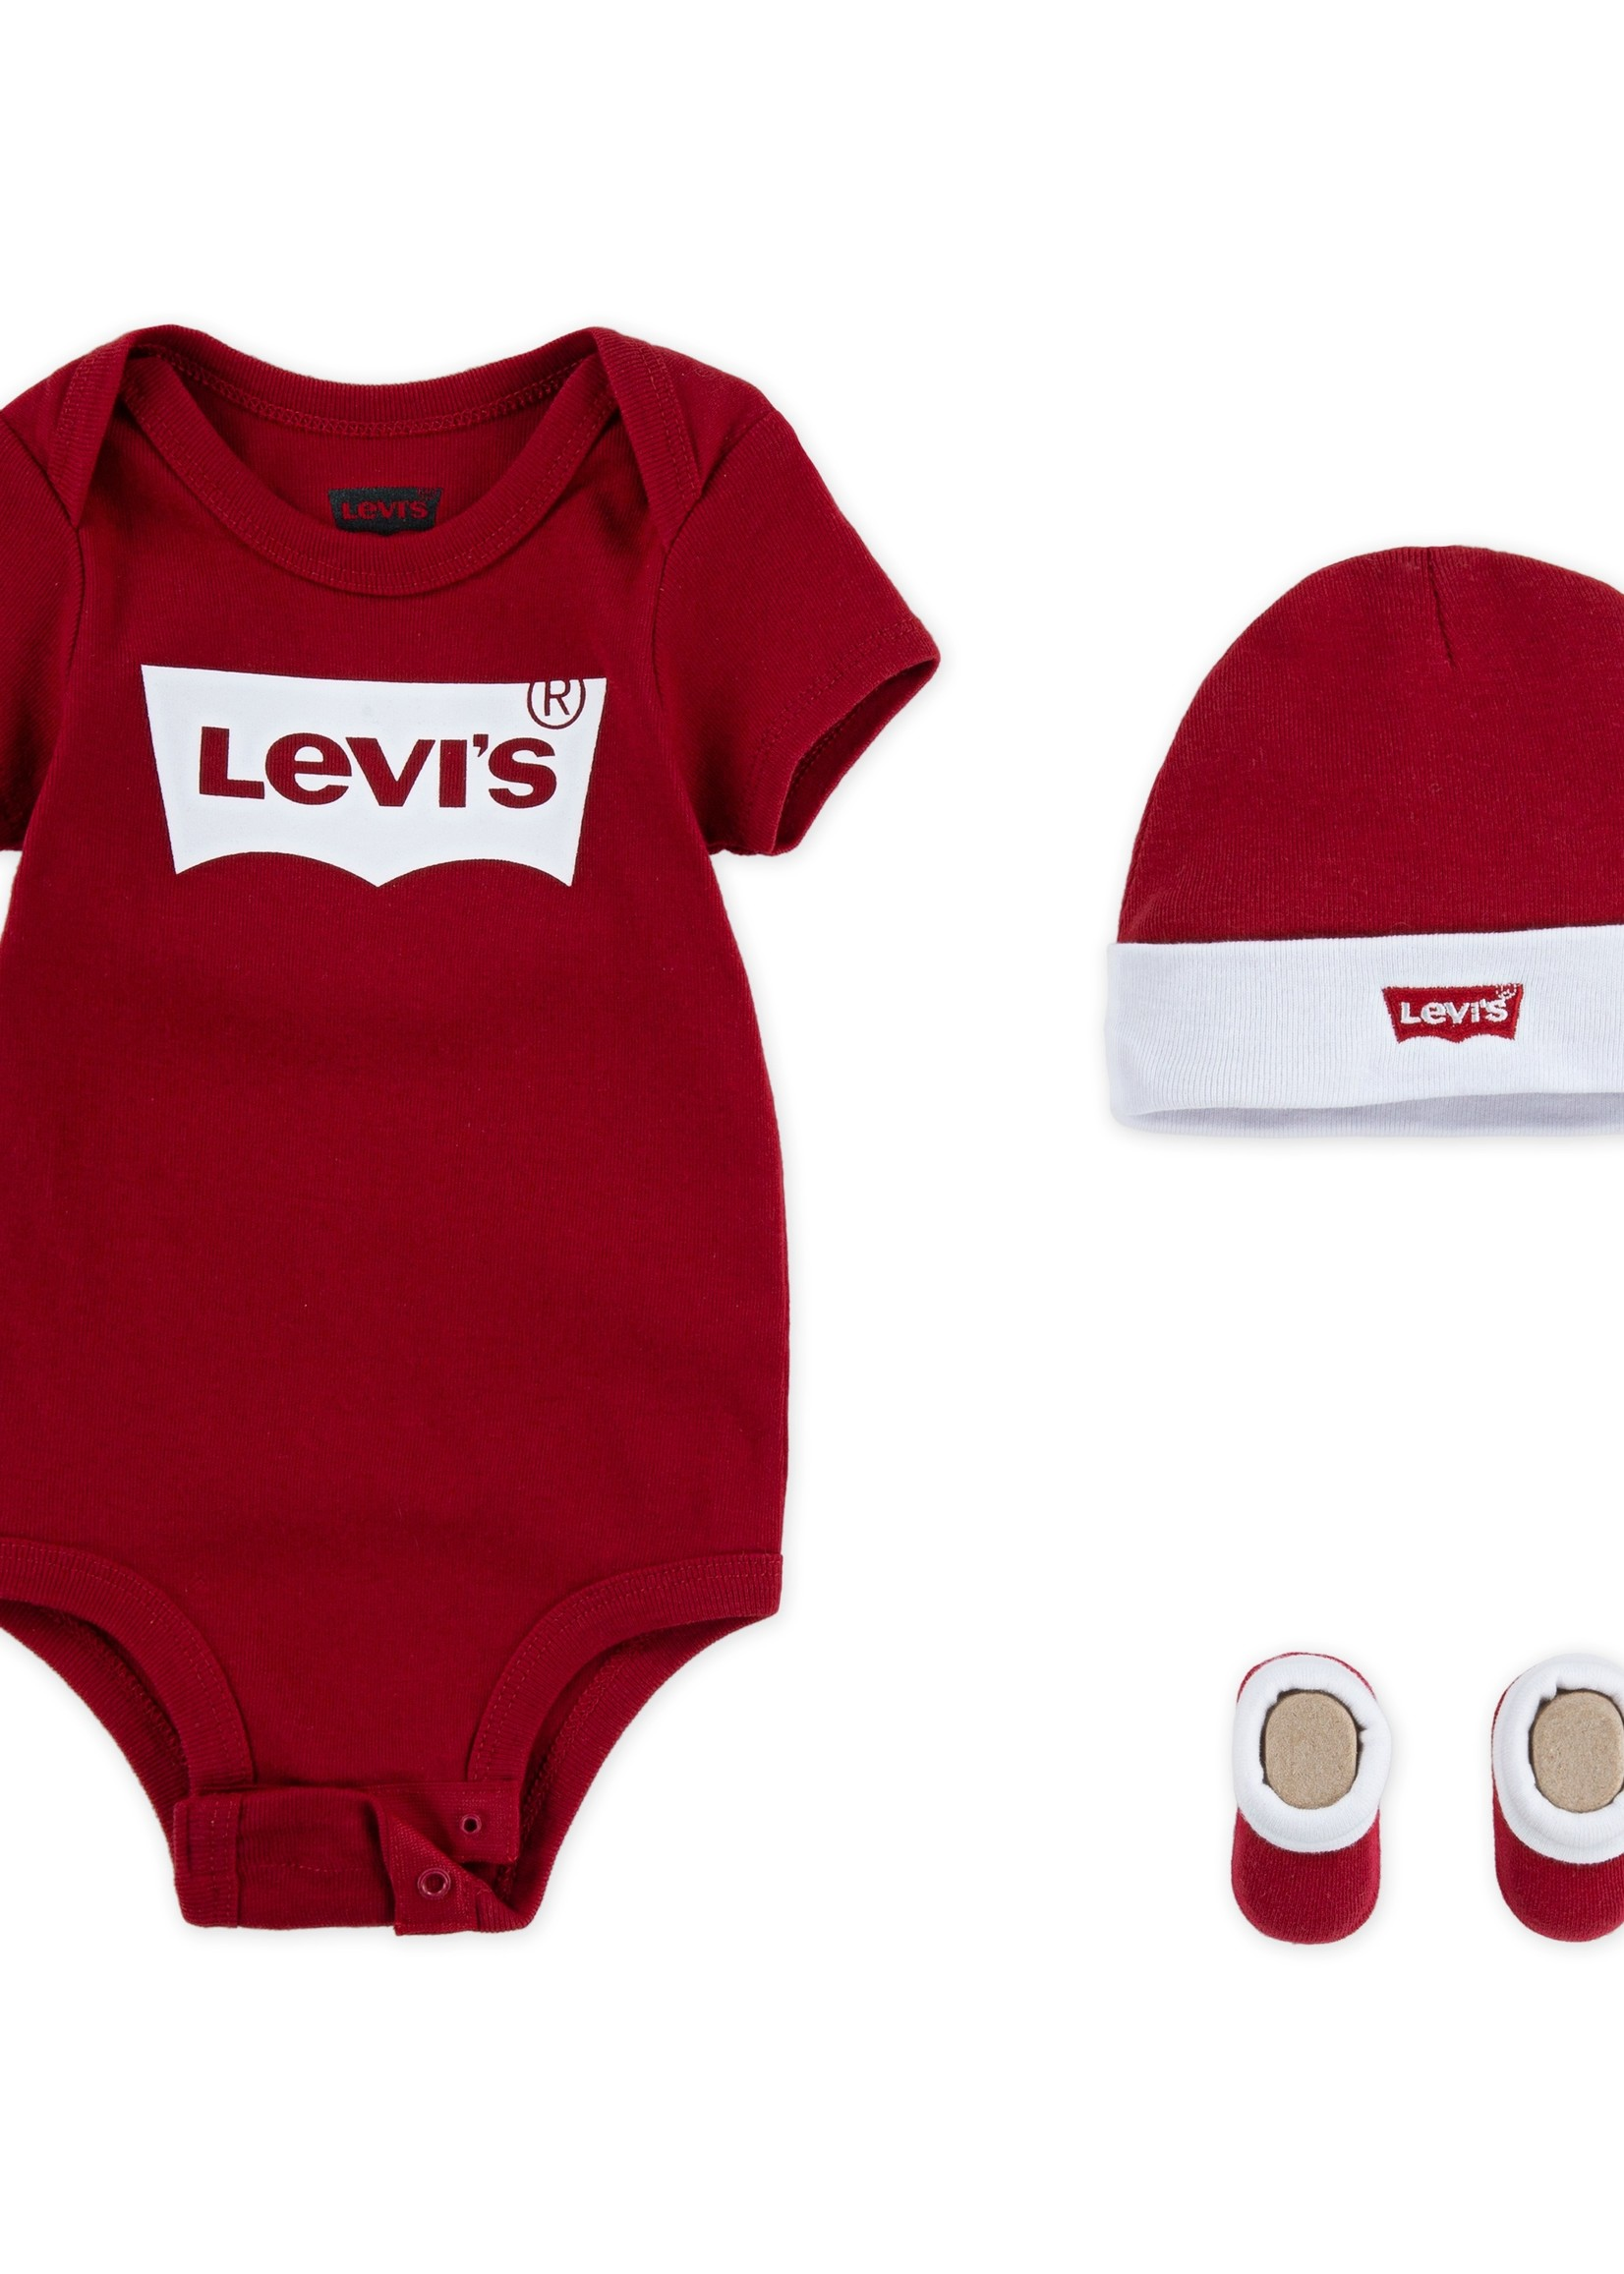 LEVIS LEVIS BATWING ONESIE HAT BOOTIE